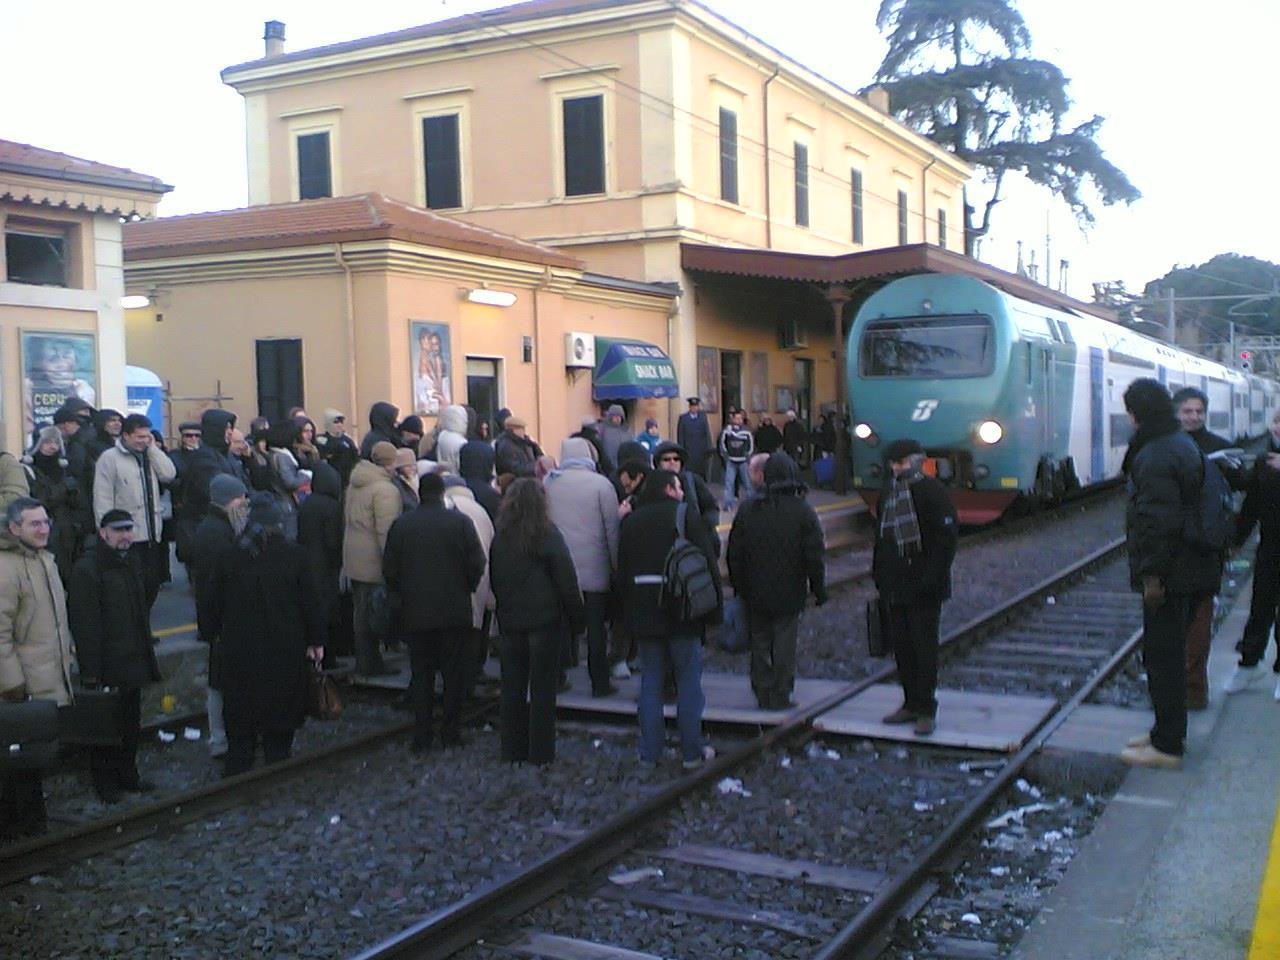 Classifiche e statistiche: Viterbo nell'elenco delle 10 peggiori stazioni ferroviarie italiane